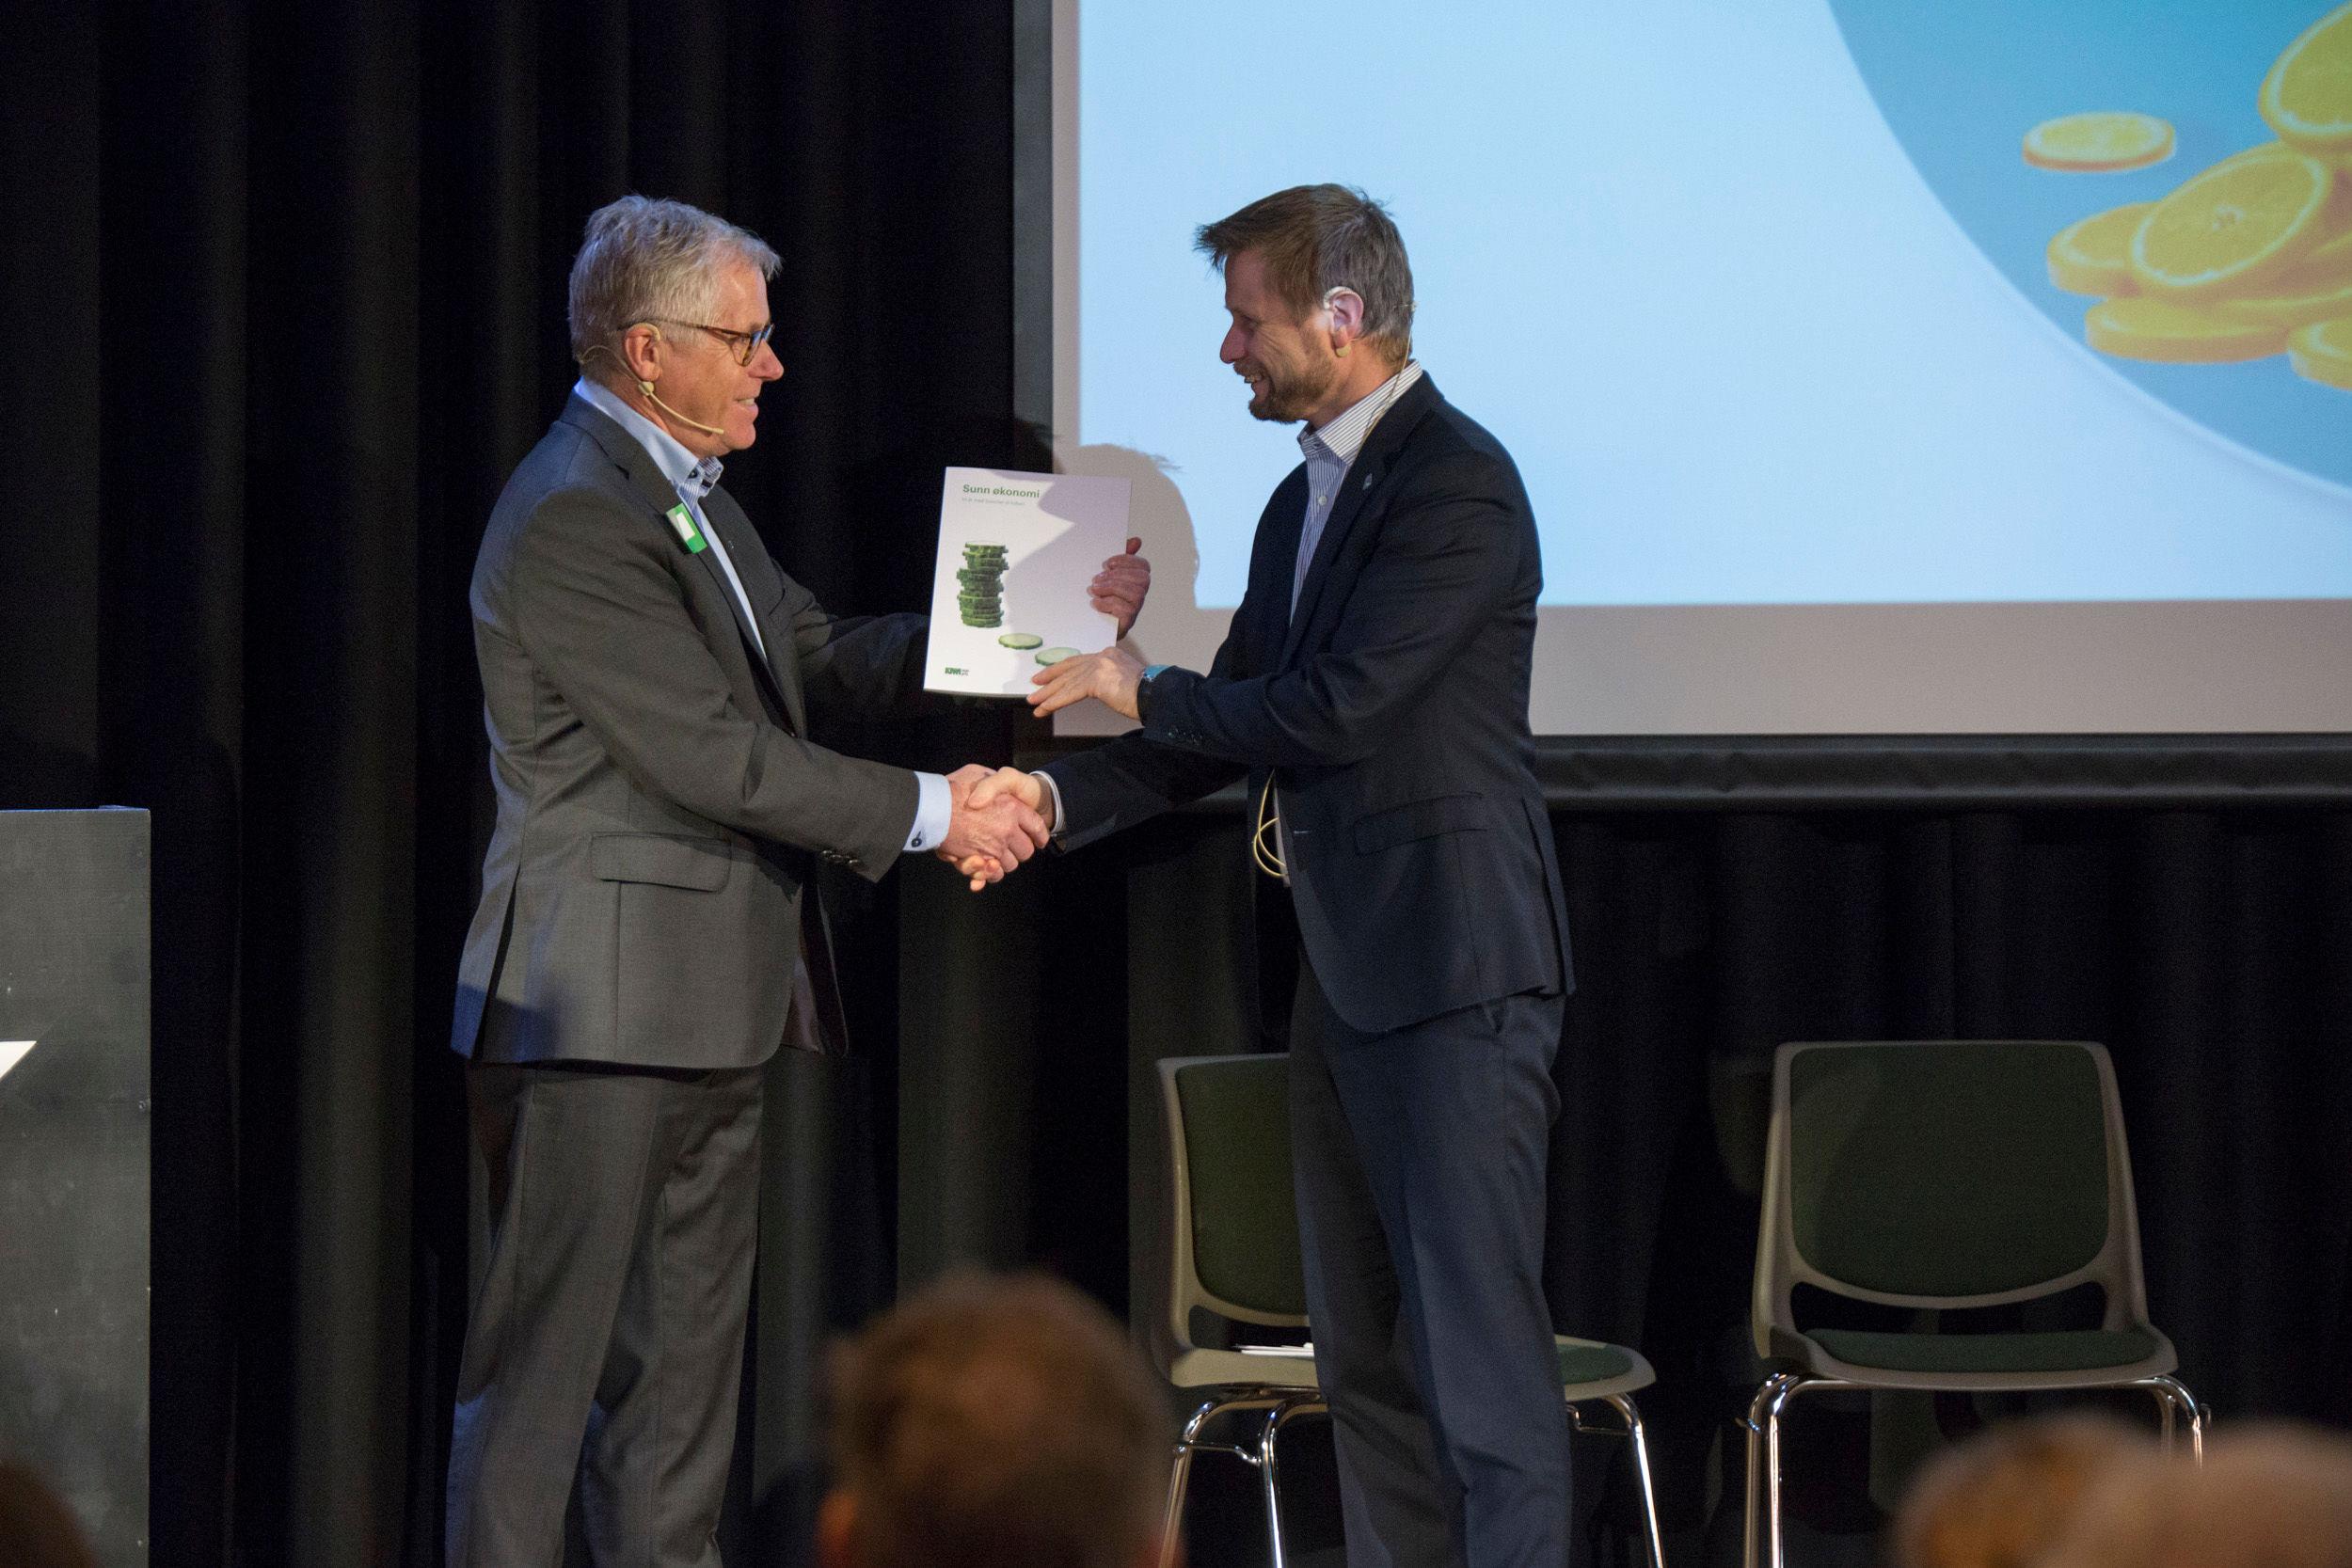 Helse- og omsorgsminister Bent Høie får overrakt sunnhetsrapporten fra KIWI-sjef Jan Paul Bjørkøy.